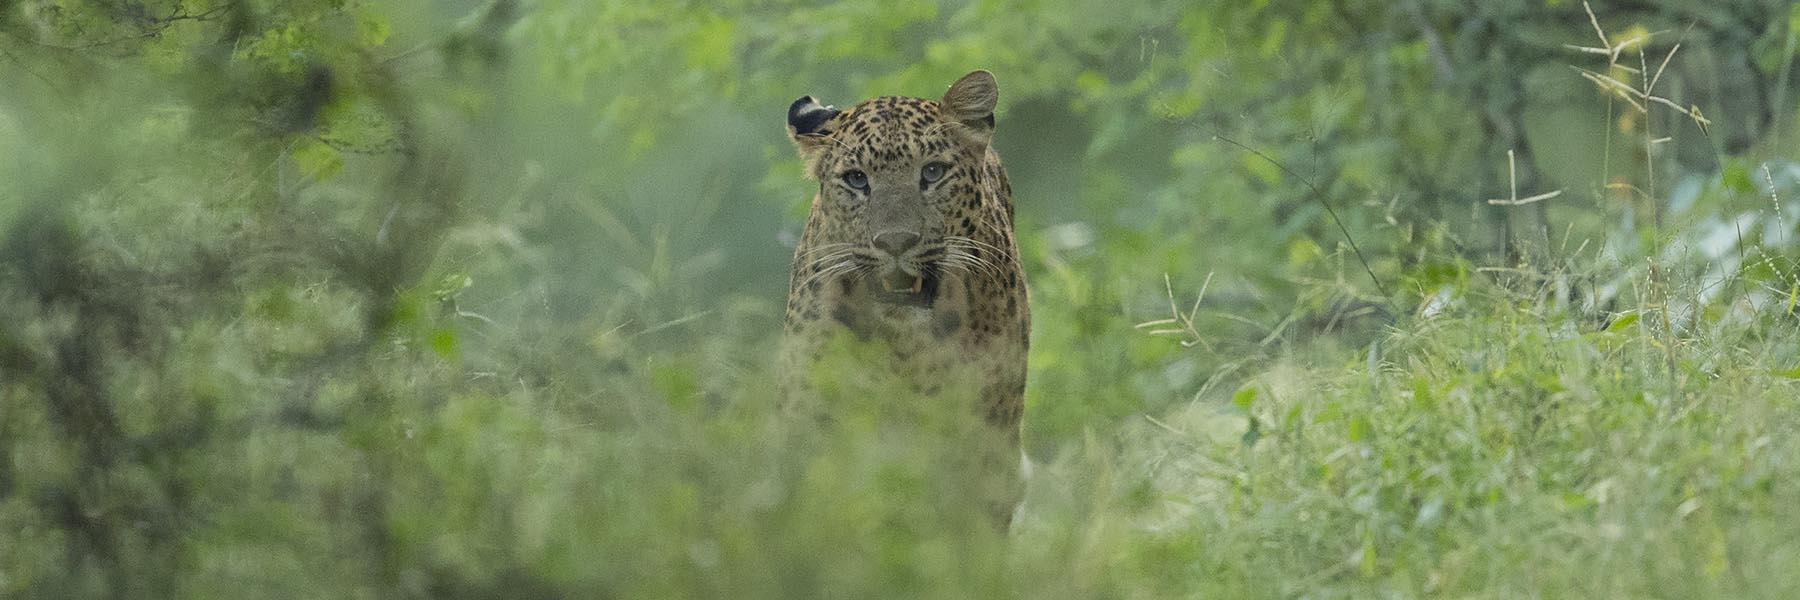 Jaipur Jhalana Safari Park